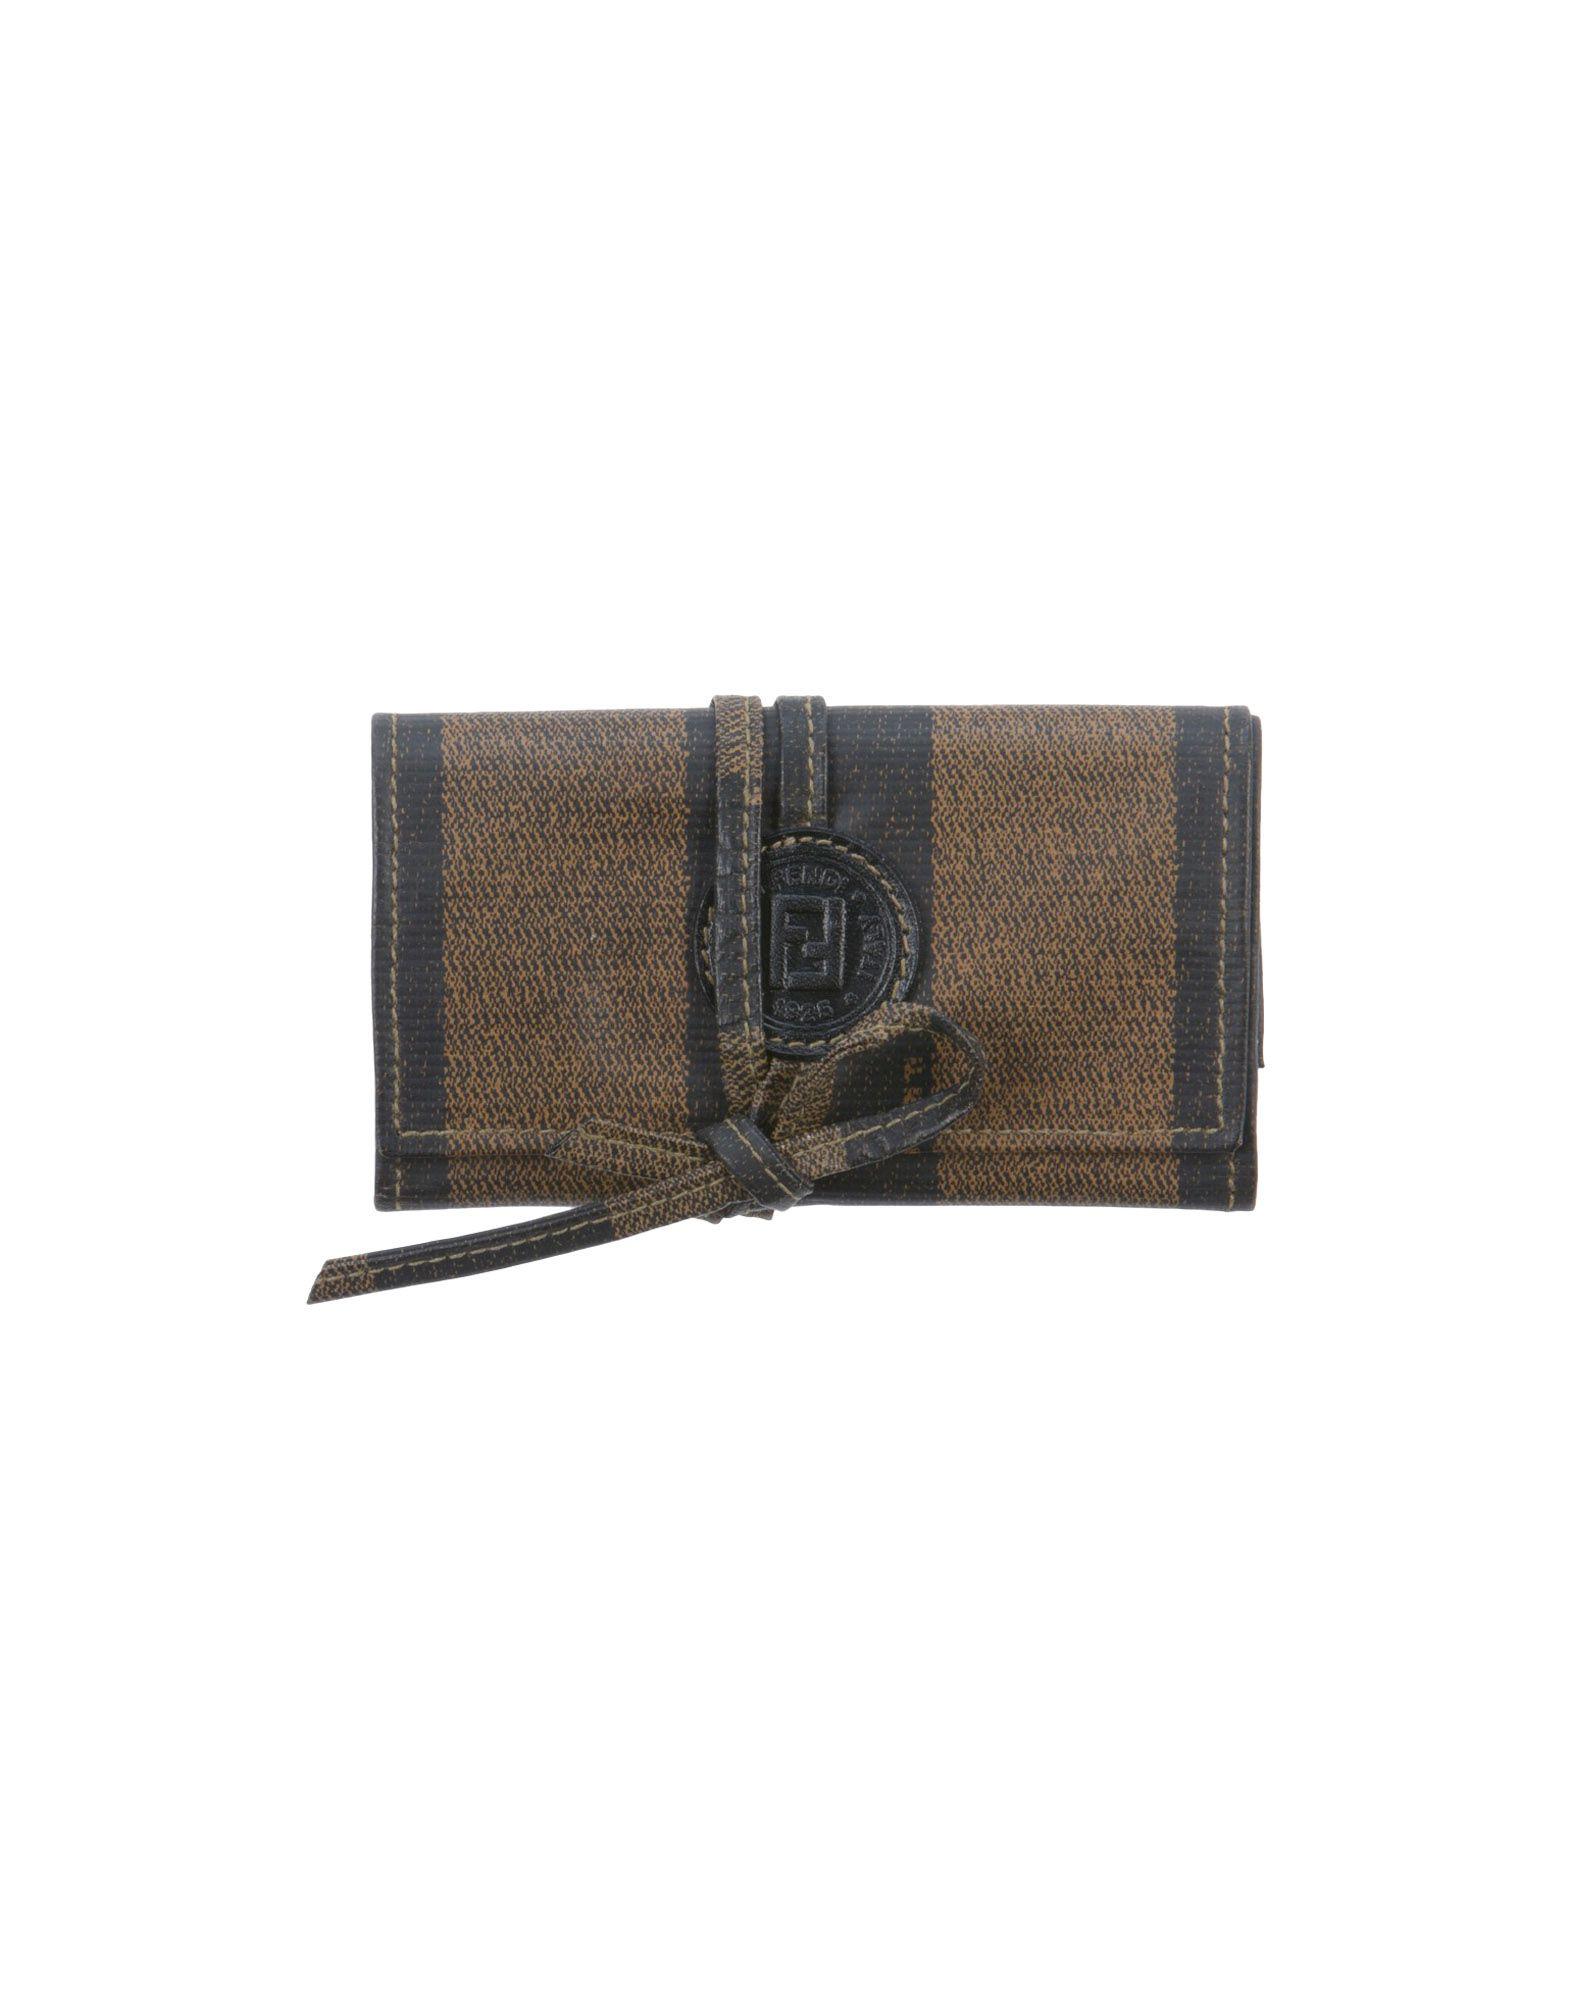 FENDI Кошелек для монет горячие корейской леди женщины хобо кожа pu посланника плеча сумки totes кошелек